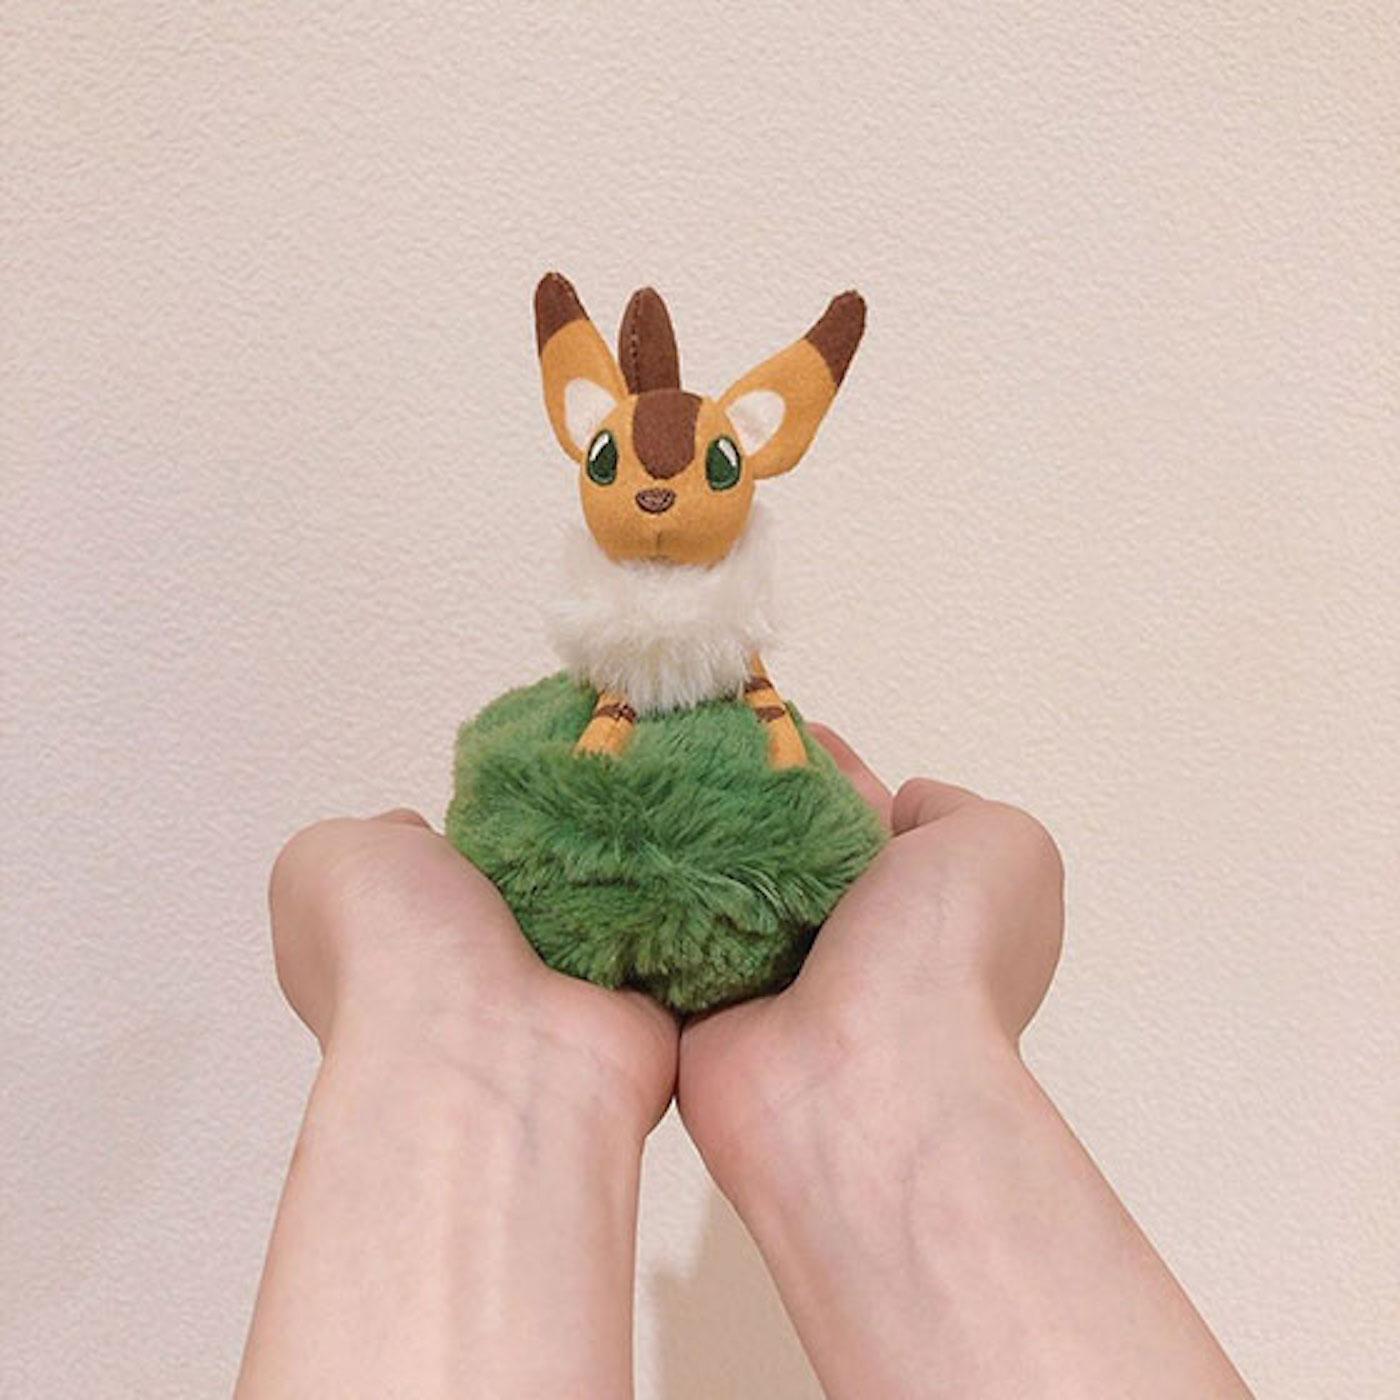 Le Studio Ghibli crée des peluches qui se transforment en sacs réutilisables